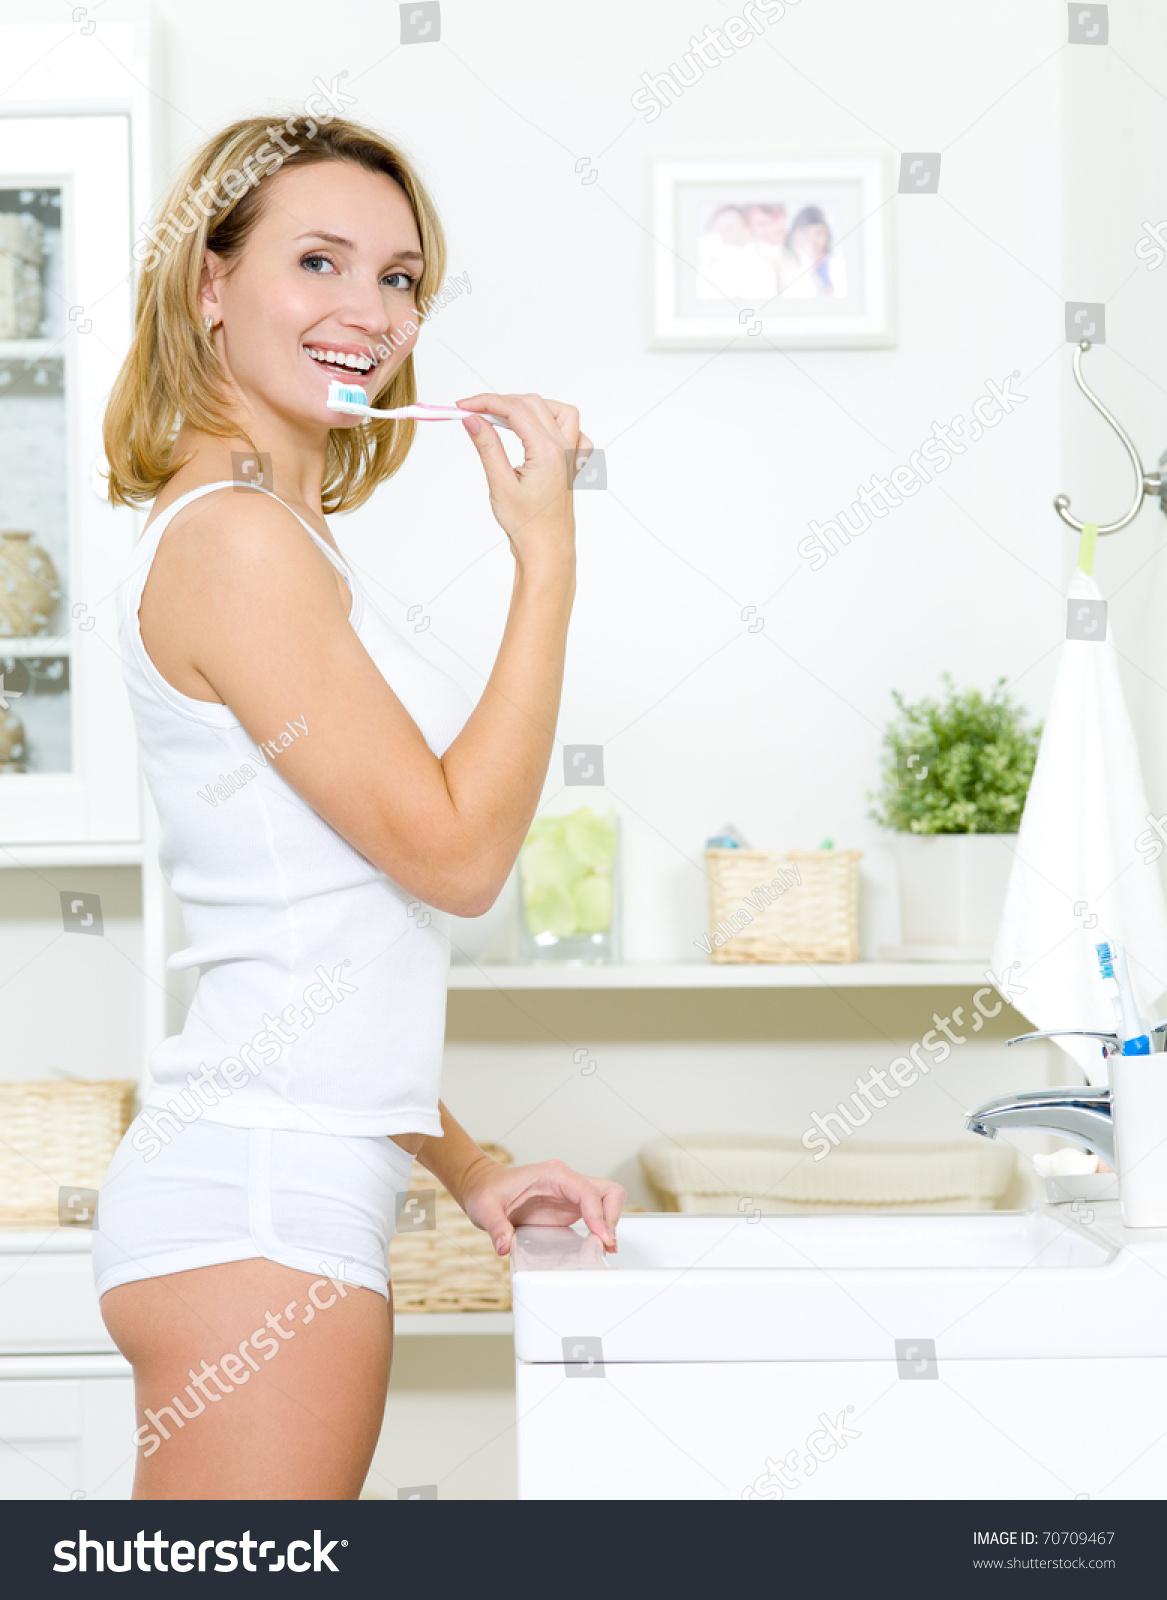 girls giving birt porn